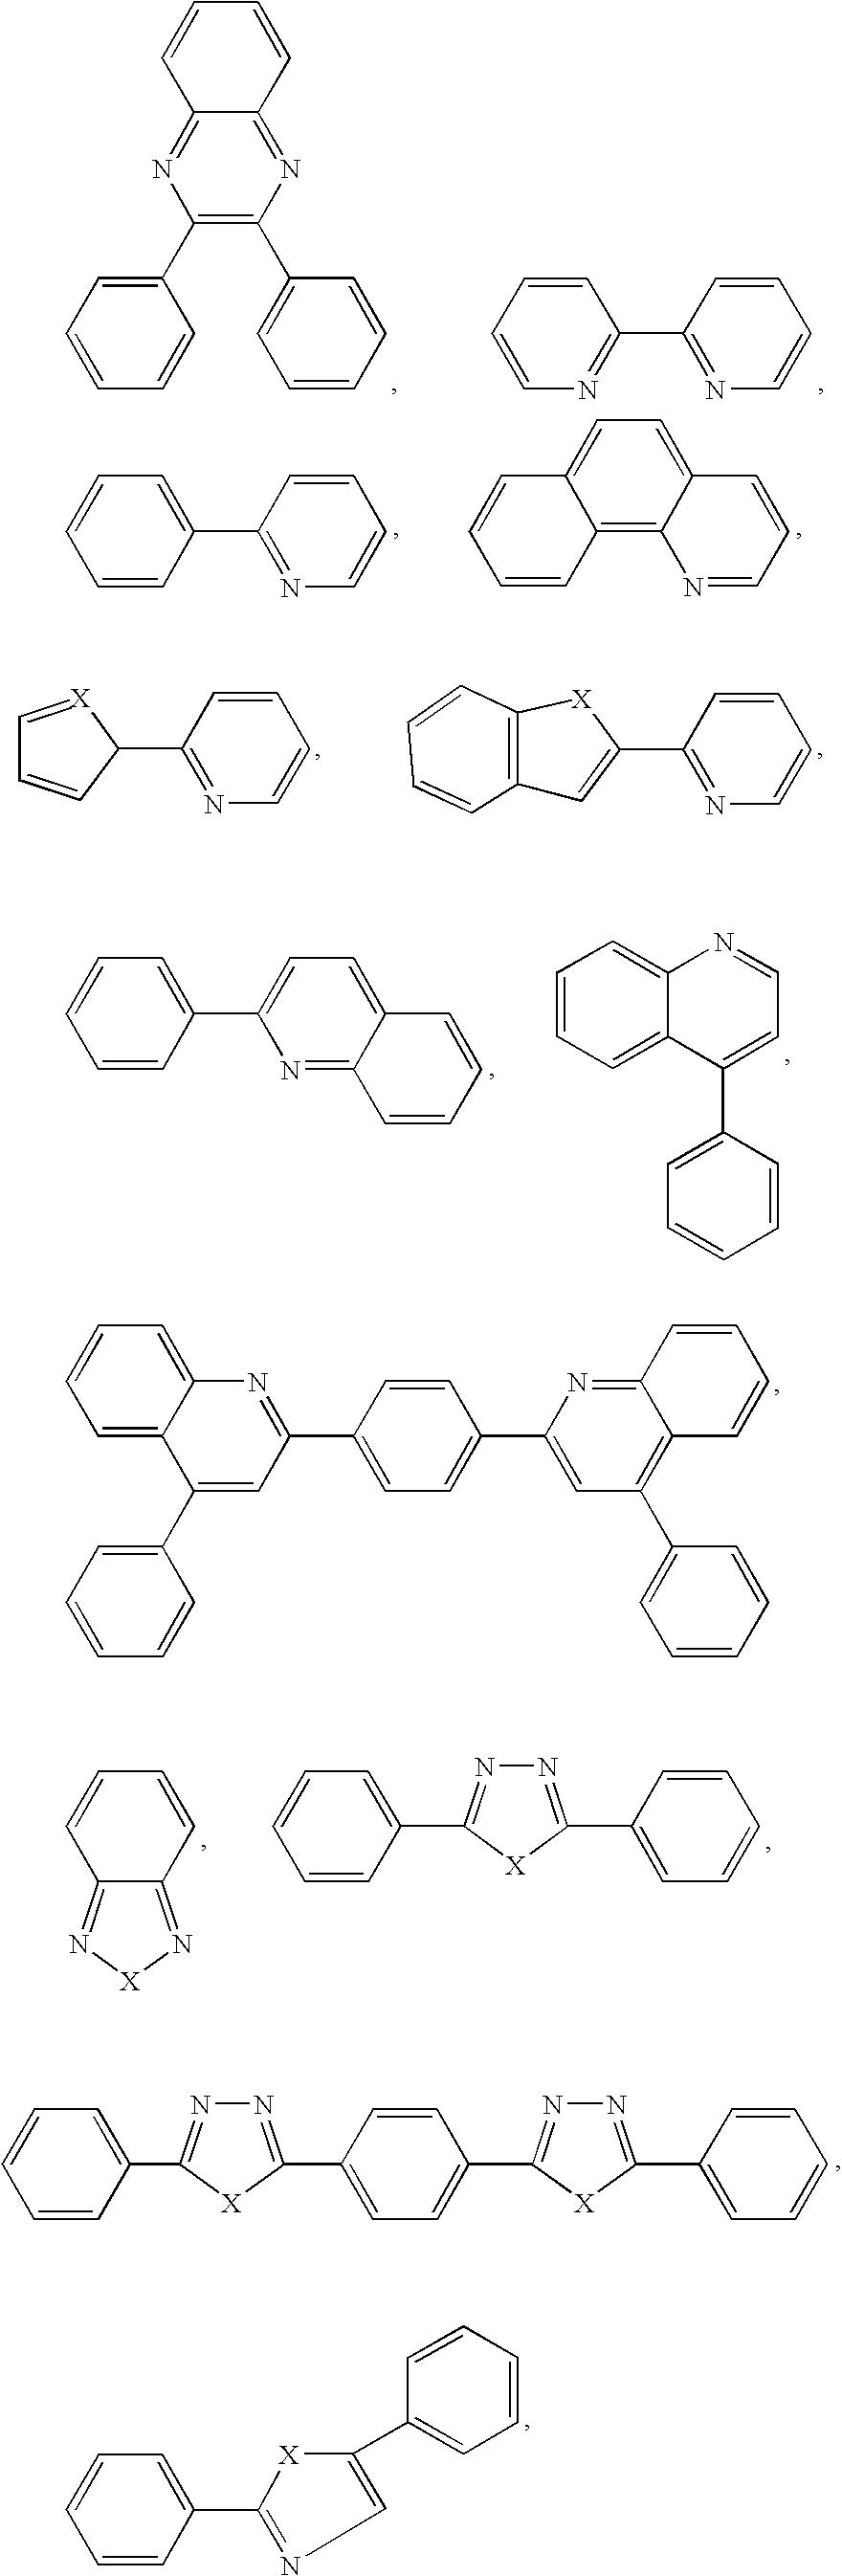 Figure US20070107835A1-20070517-C00077